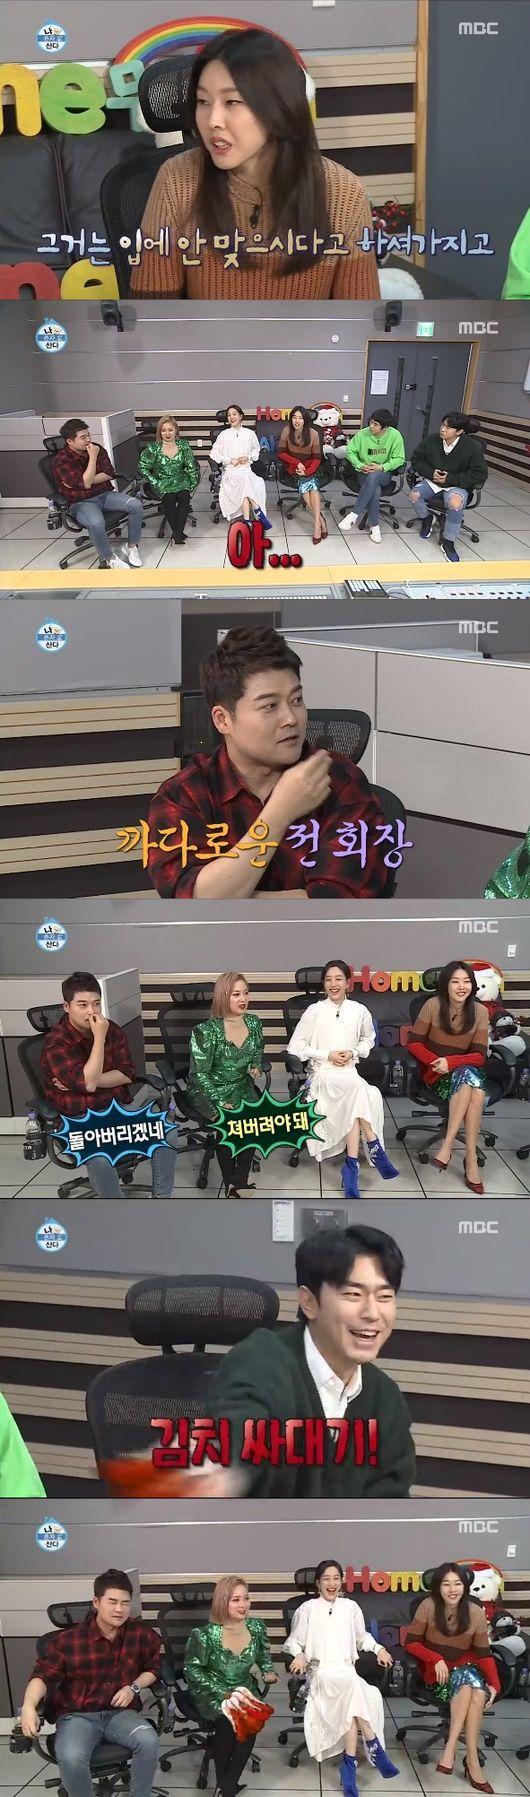 전현무♥한혜진 결별설, '나혼자' 제